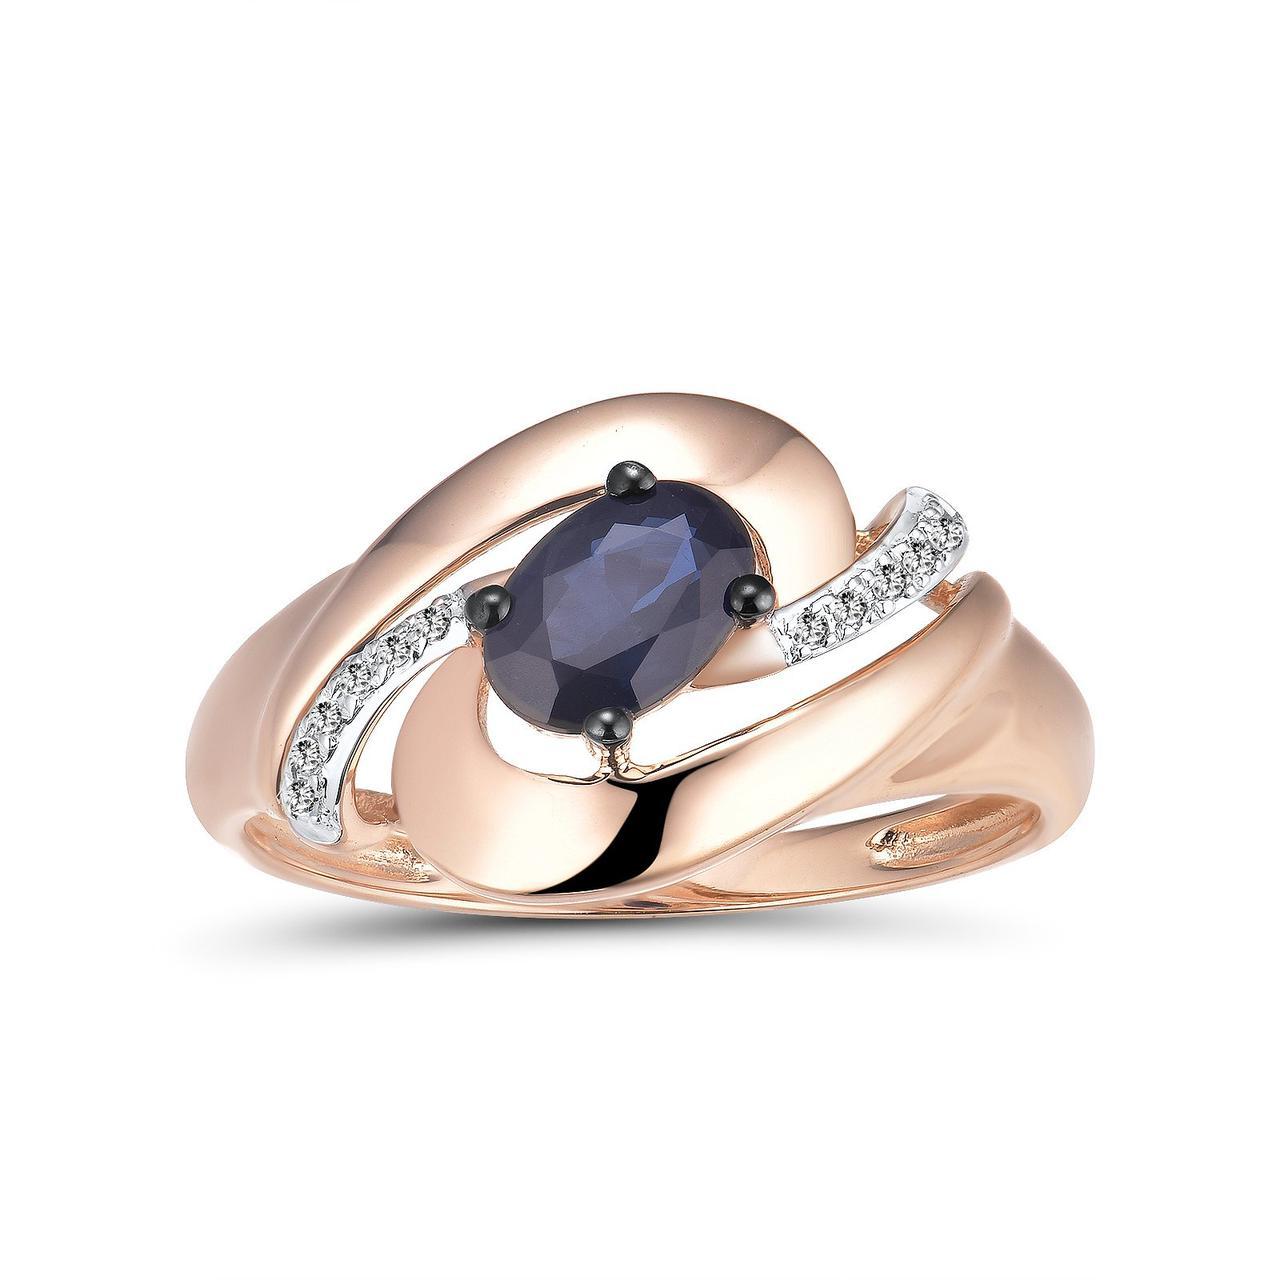 Золотое кольцо с бриллиантами и сапфиром, размер 16 (1692436)